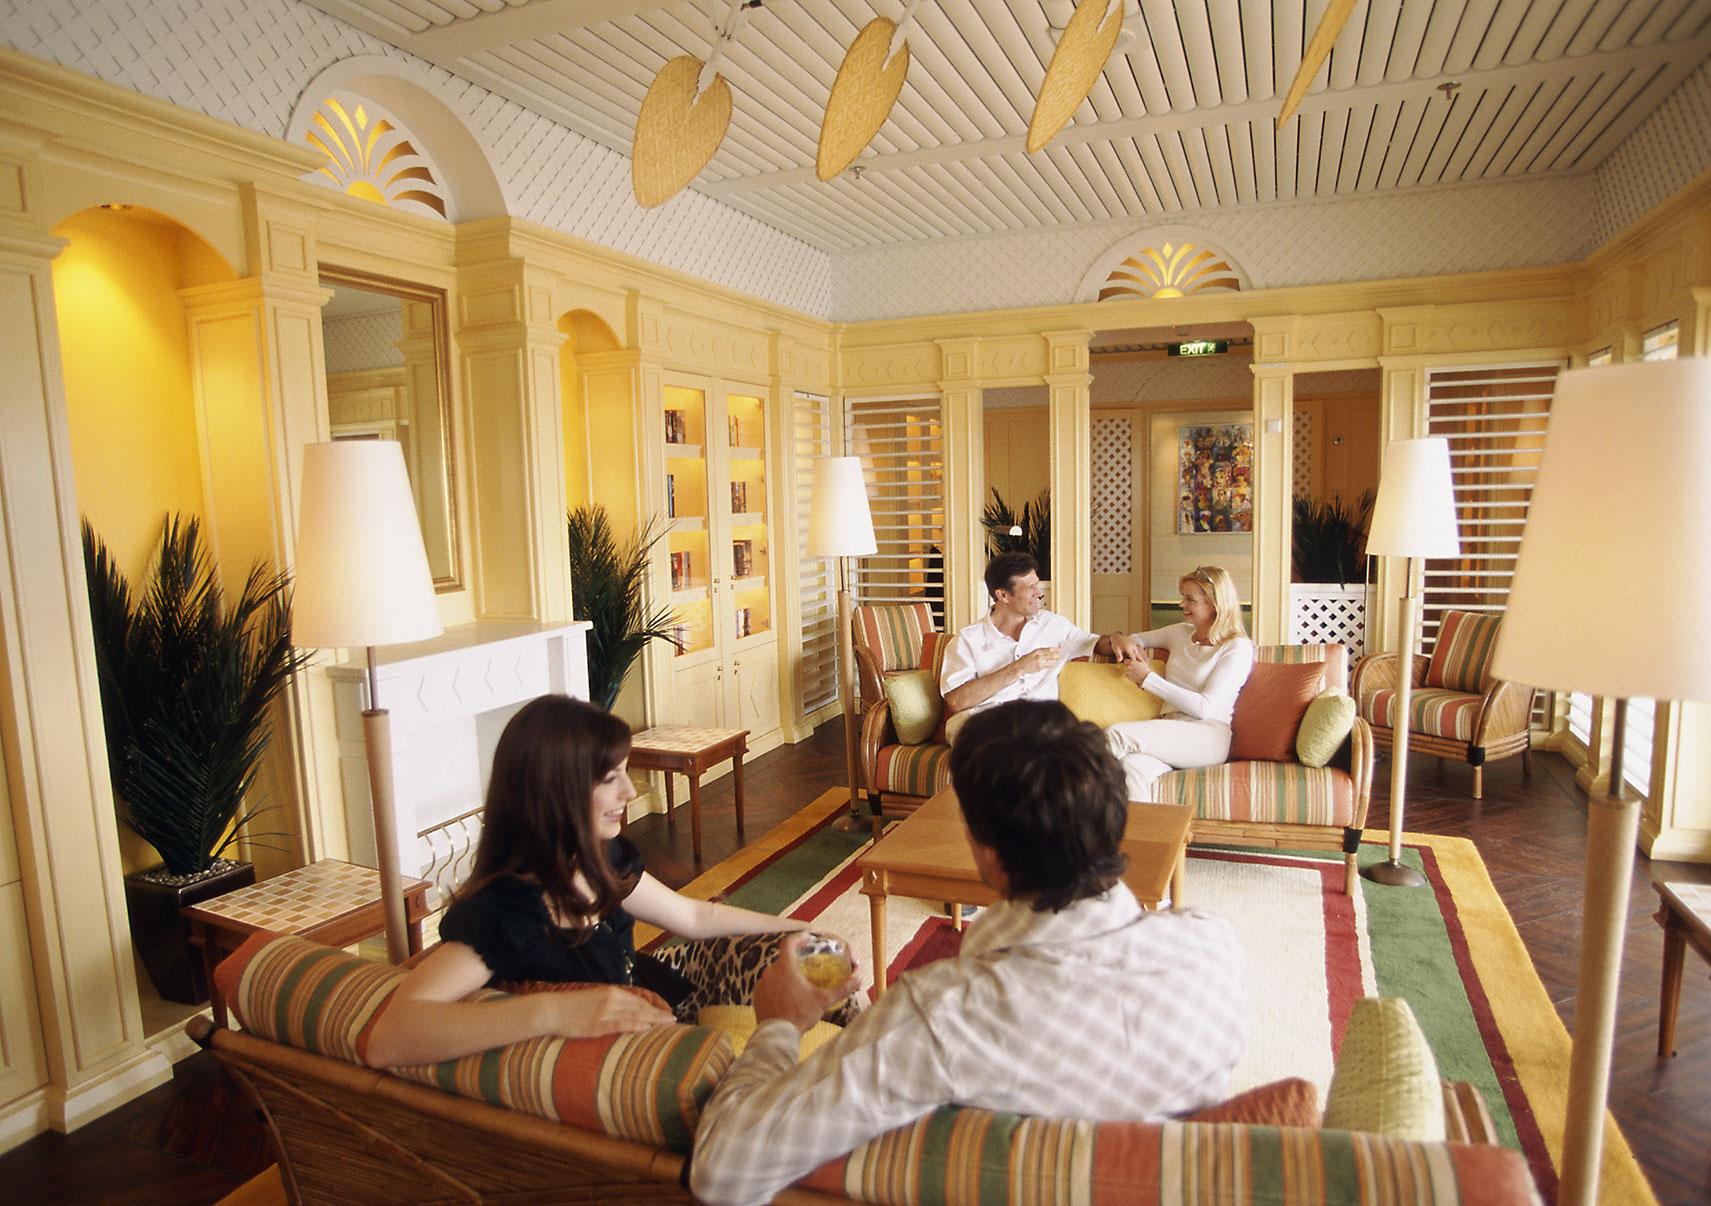 aura vita Hemingway Lounge